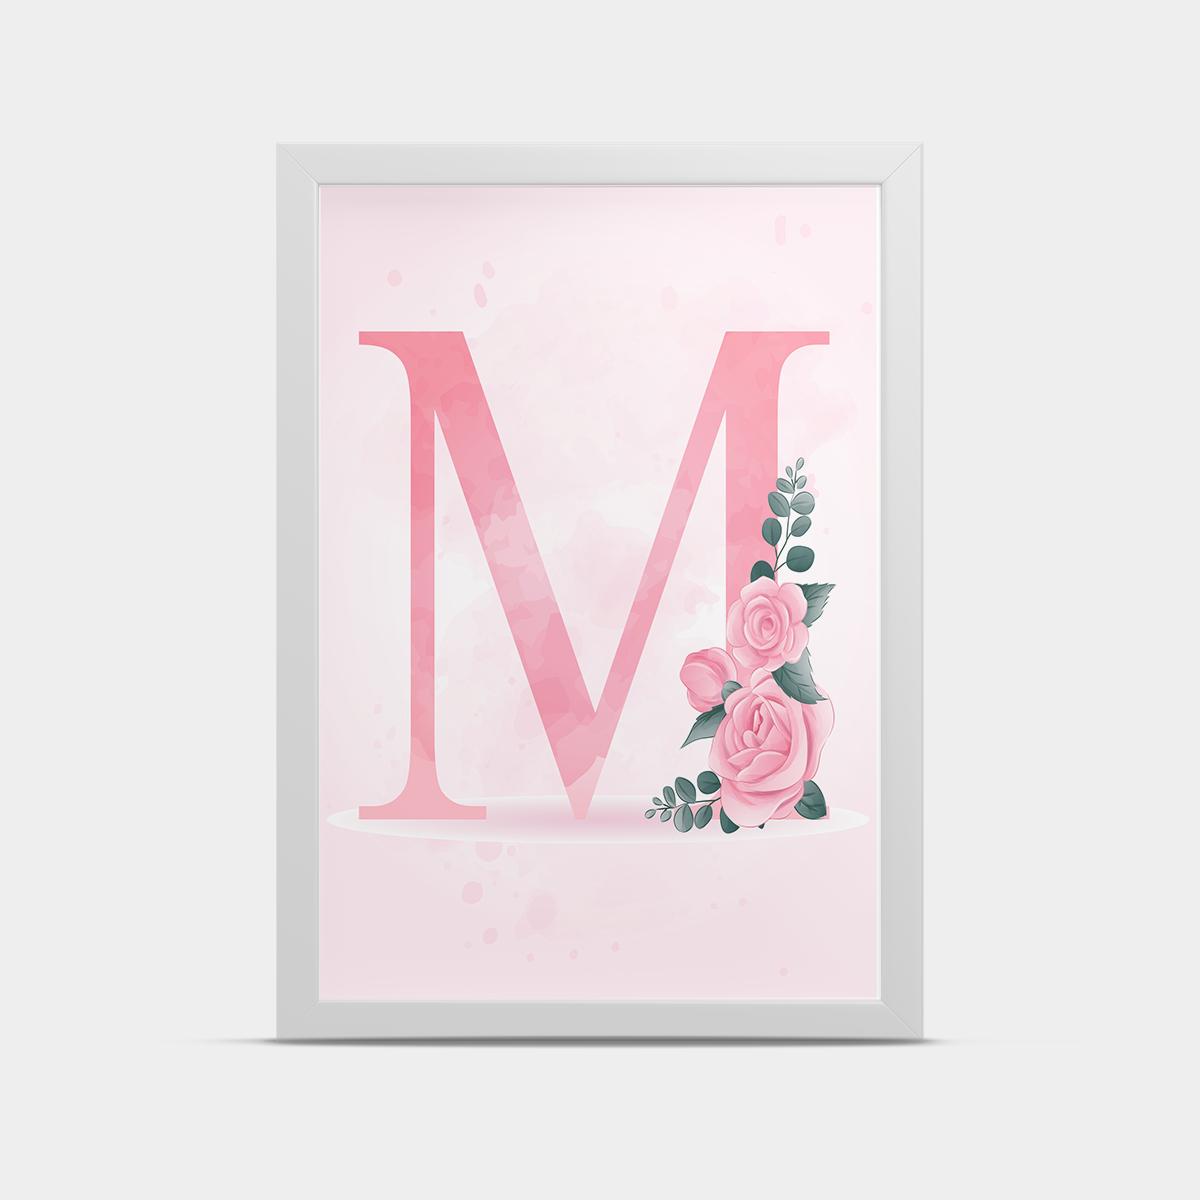 Постер на стену любая Буква на английском языке Розовая 20*30 см